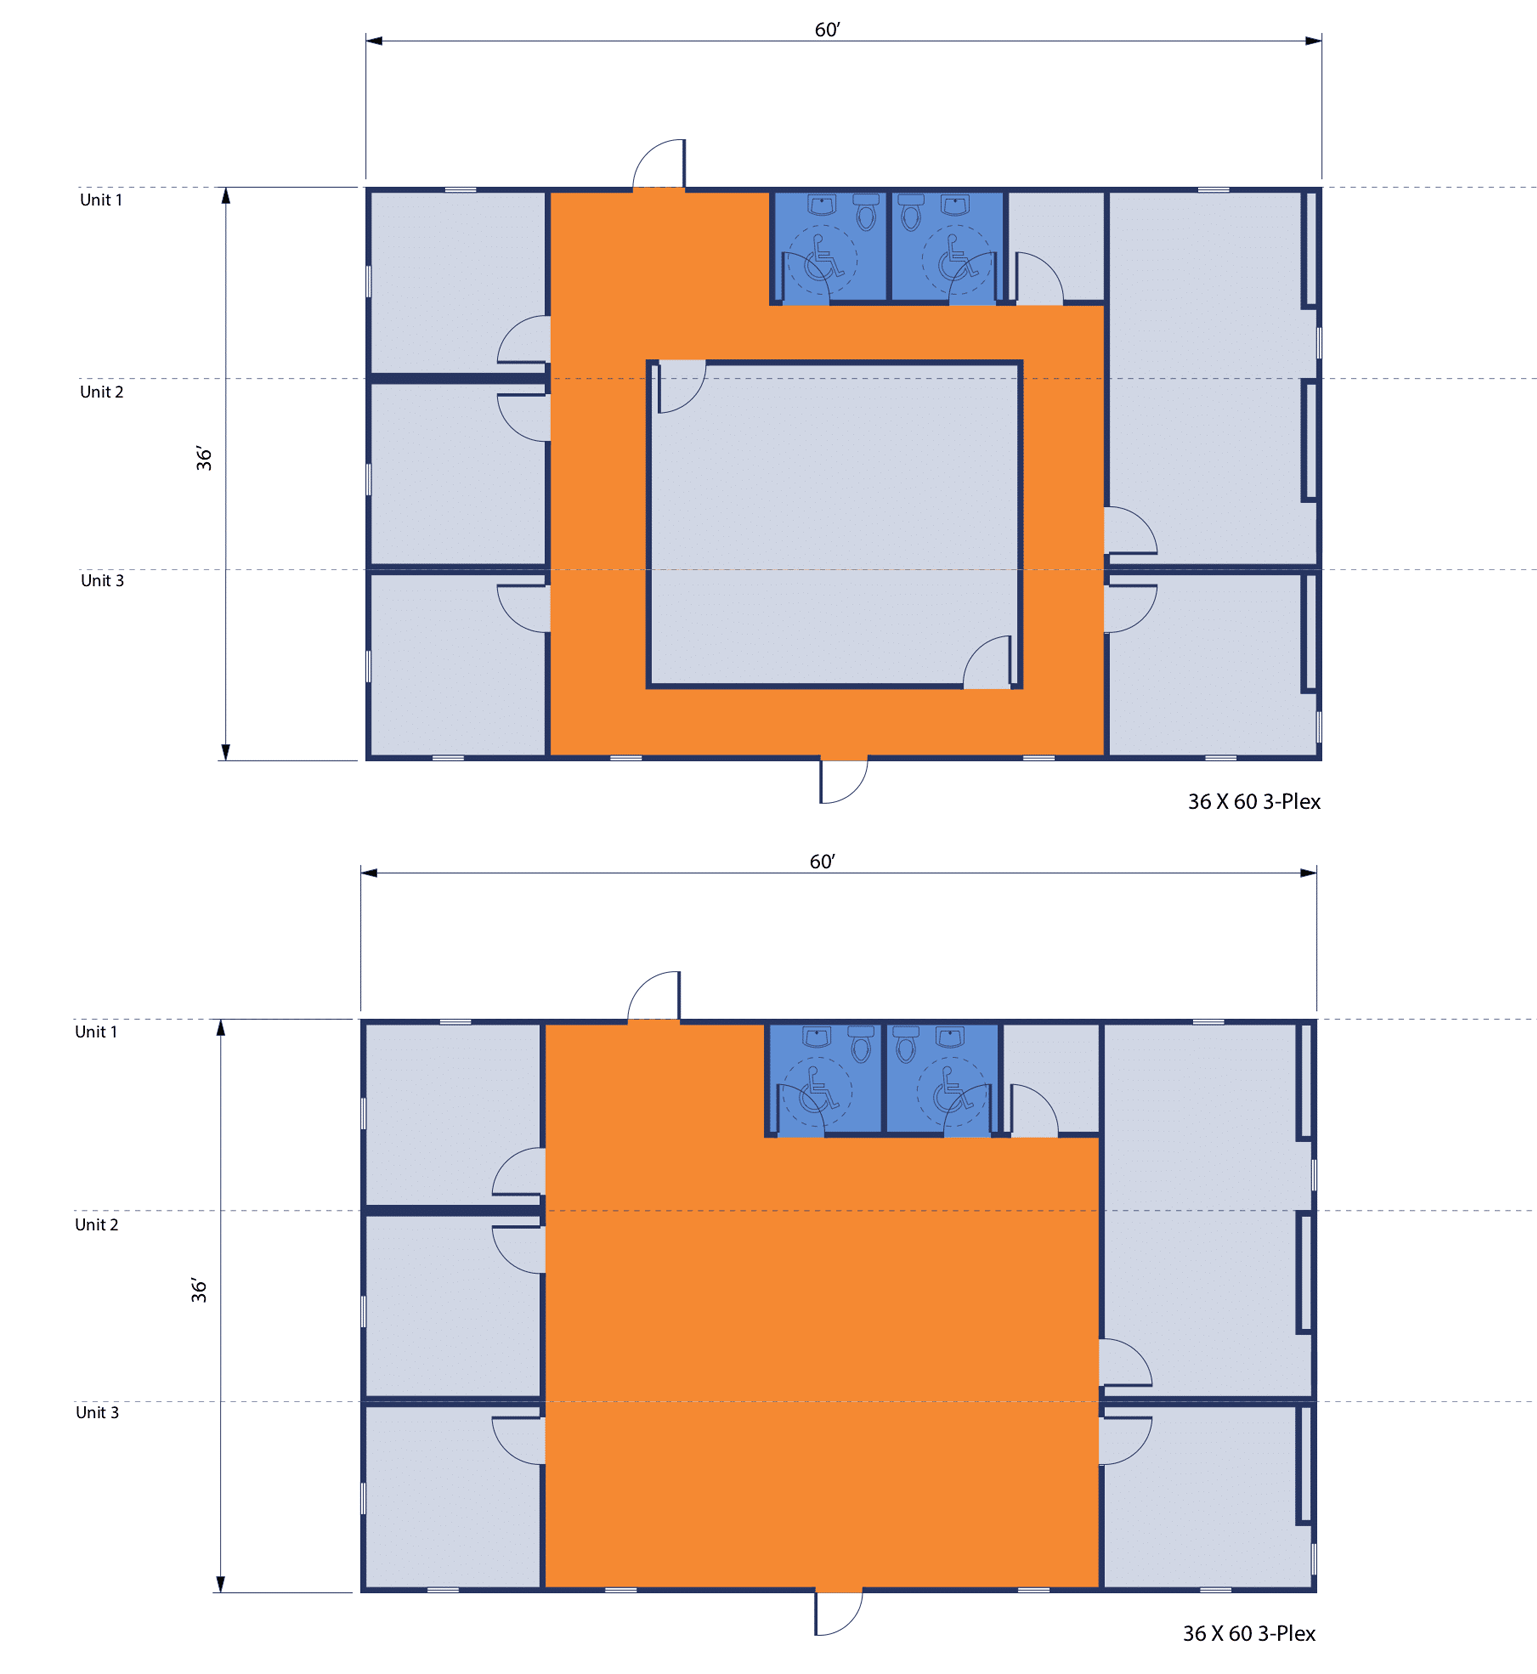 36'x60' 3-Plex Office complex floorplan